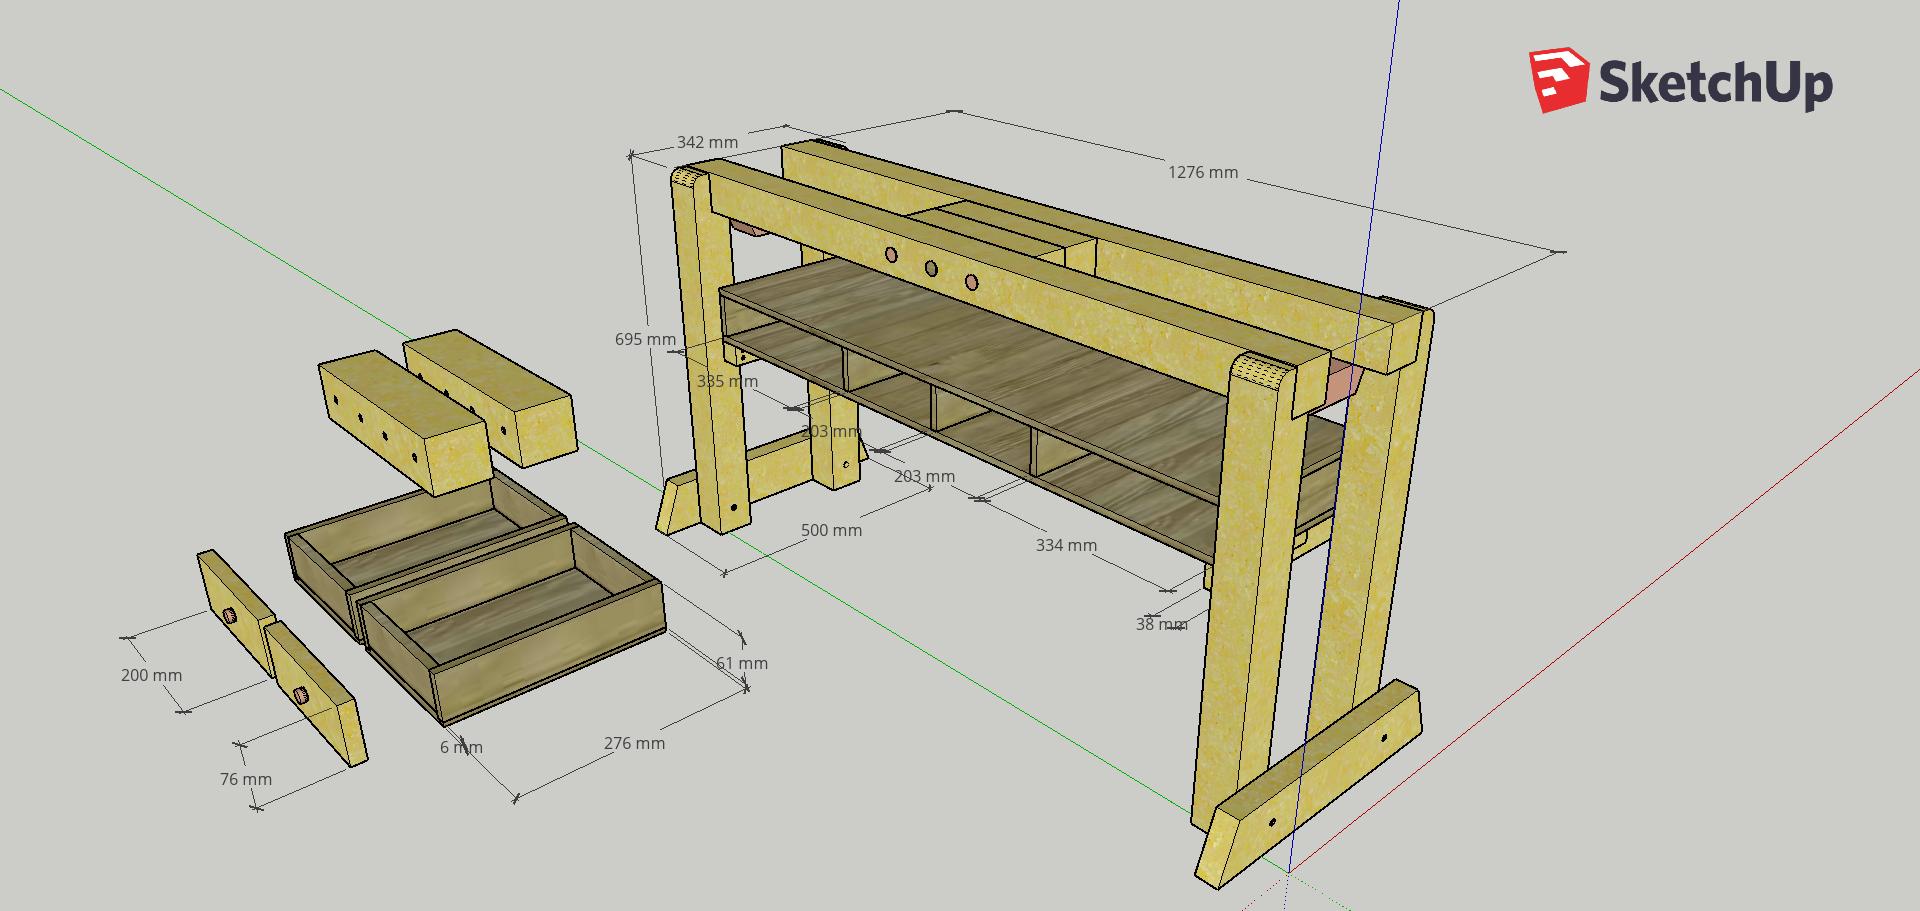 The design I put together in SketchUp.